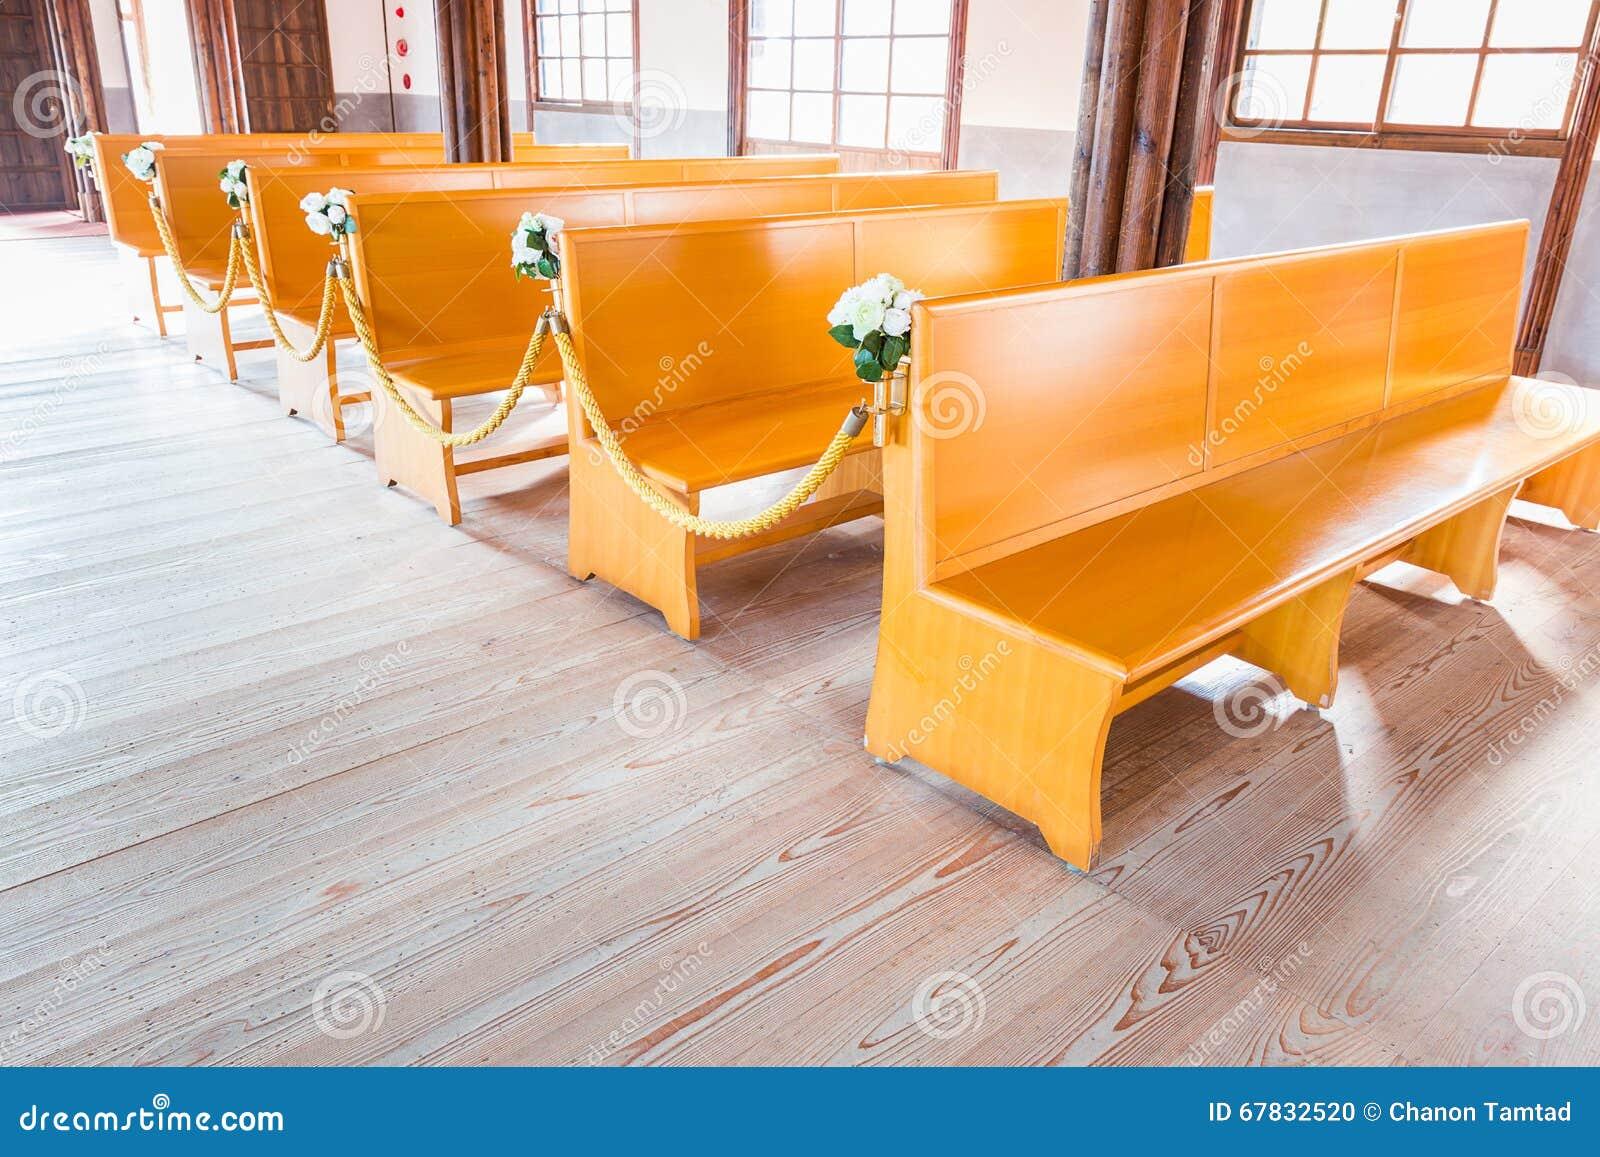 Bancos de madera para interior madera maciza de pino sin - Bancos de madera para interior ...